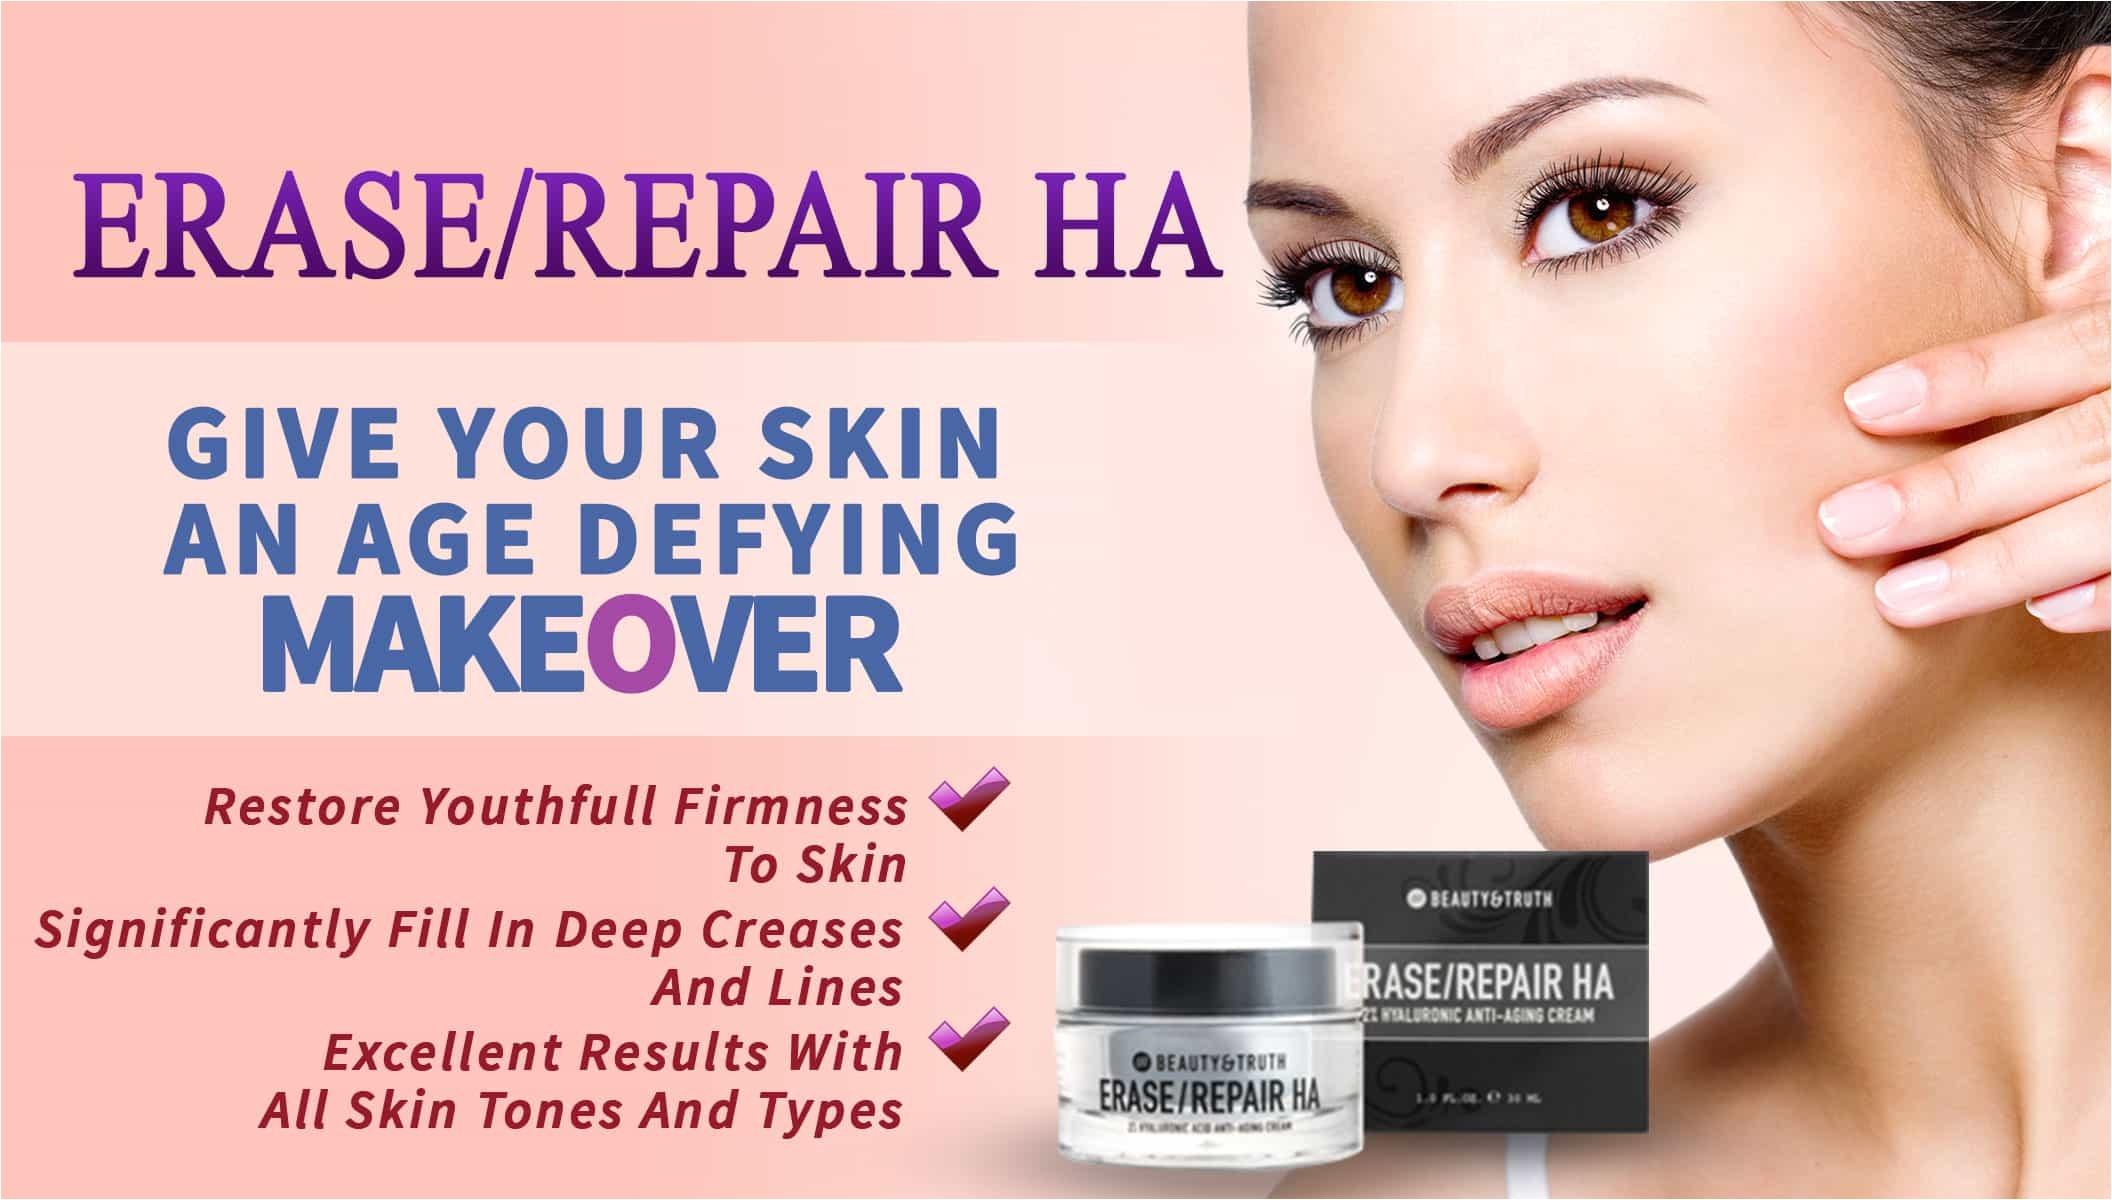 erase repair ha skincare free trial review